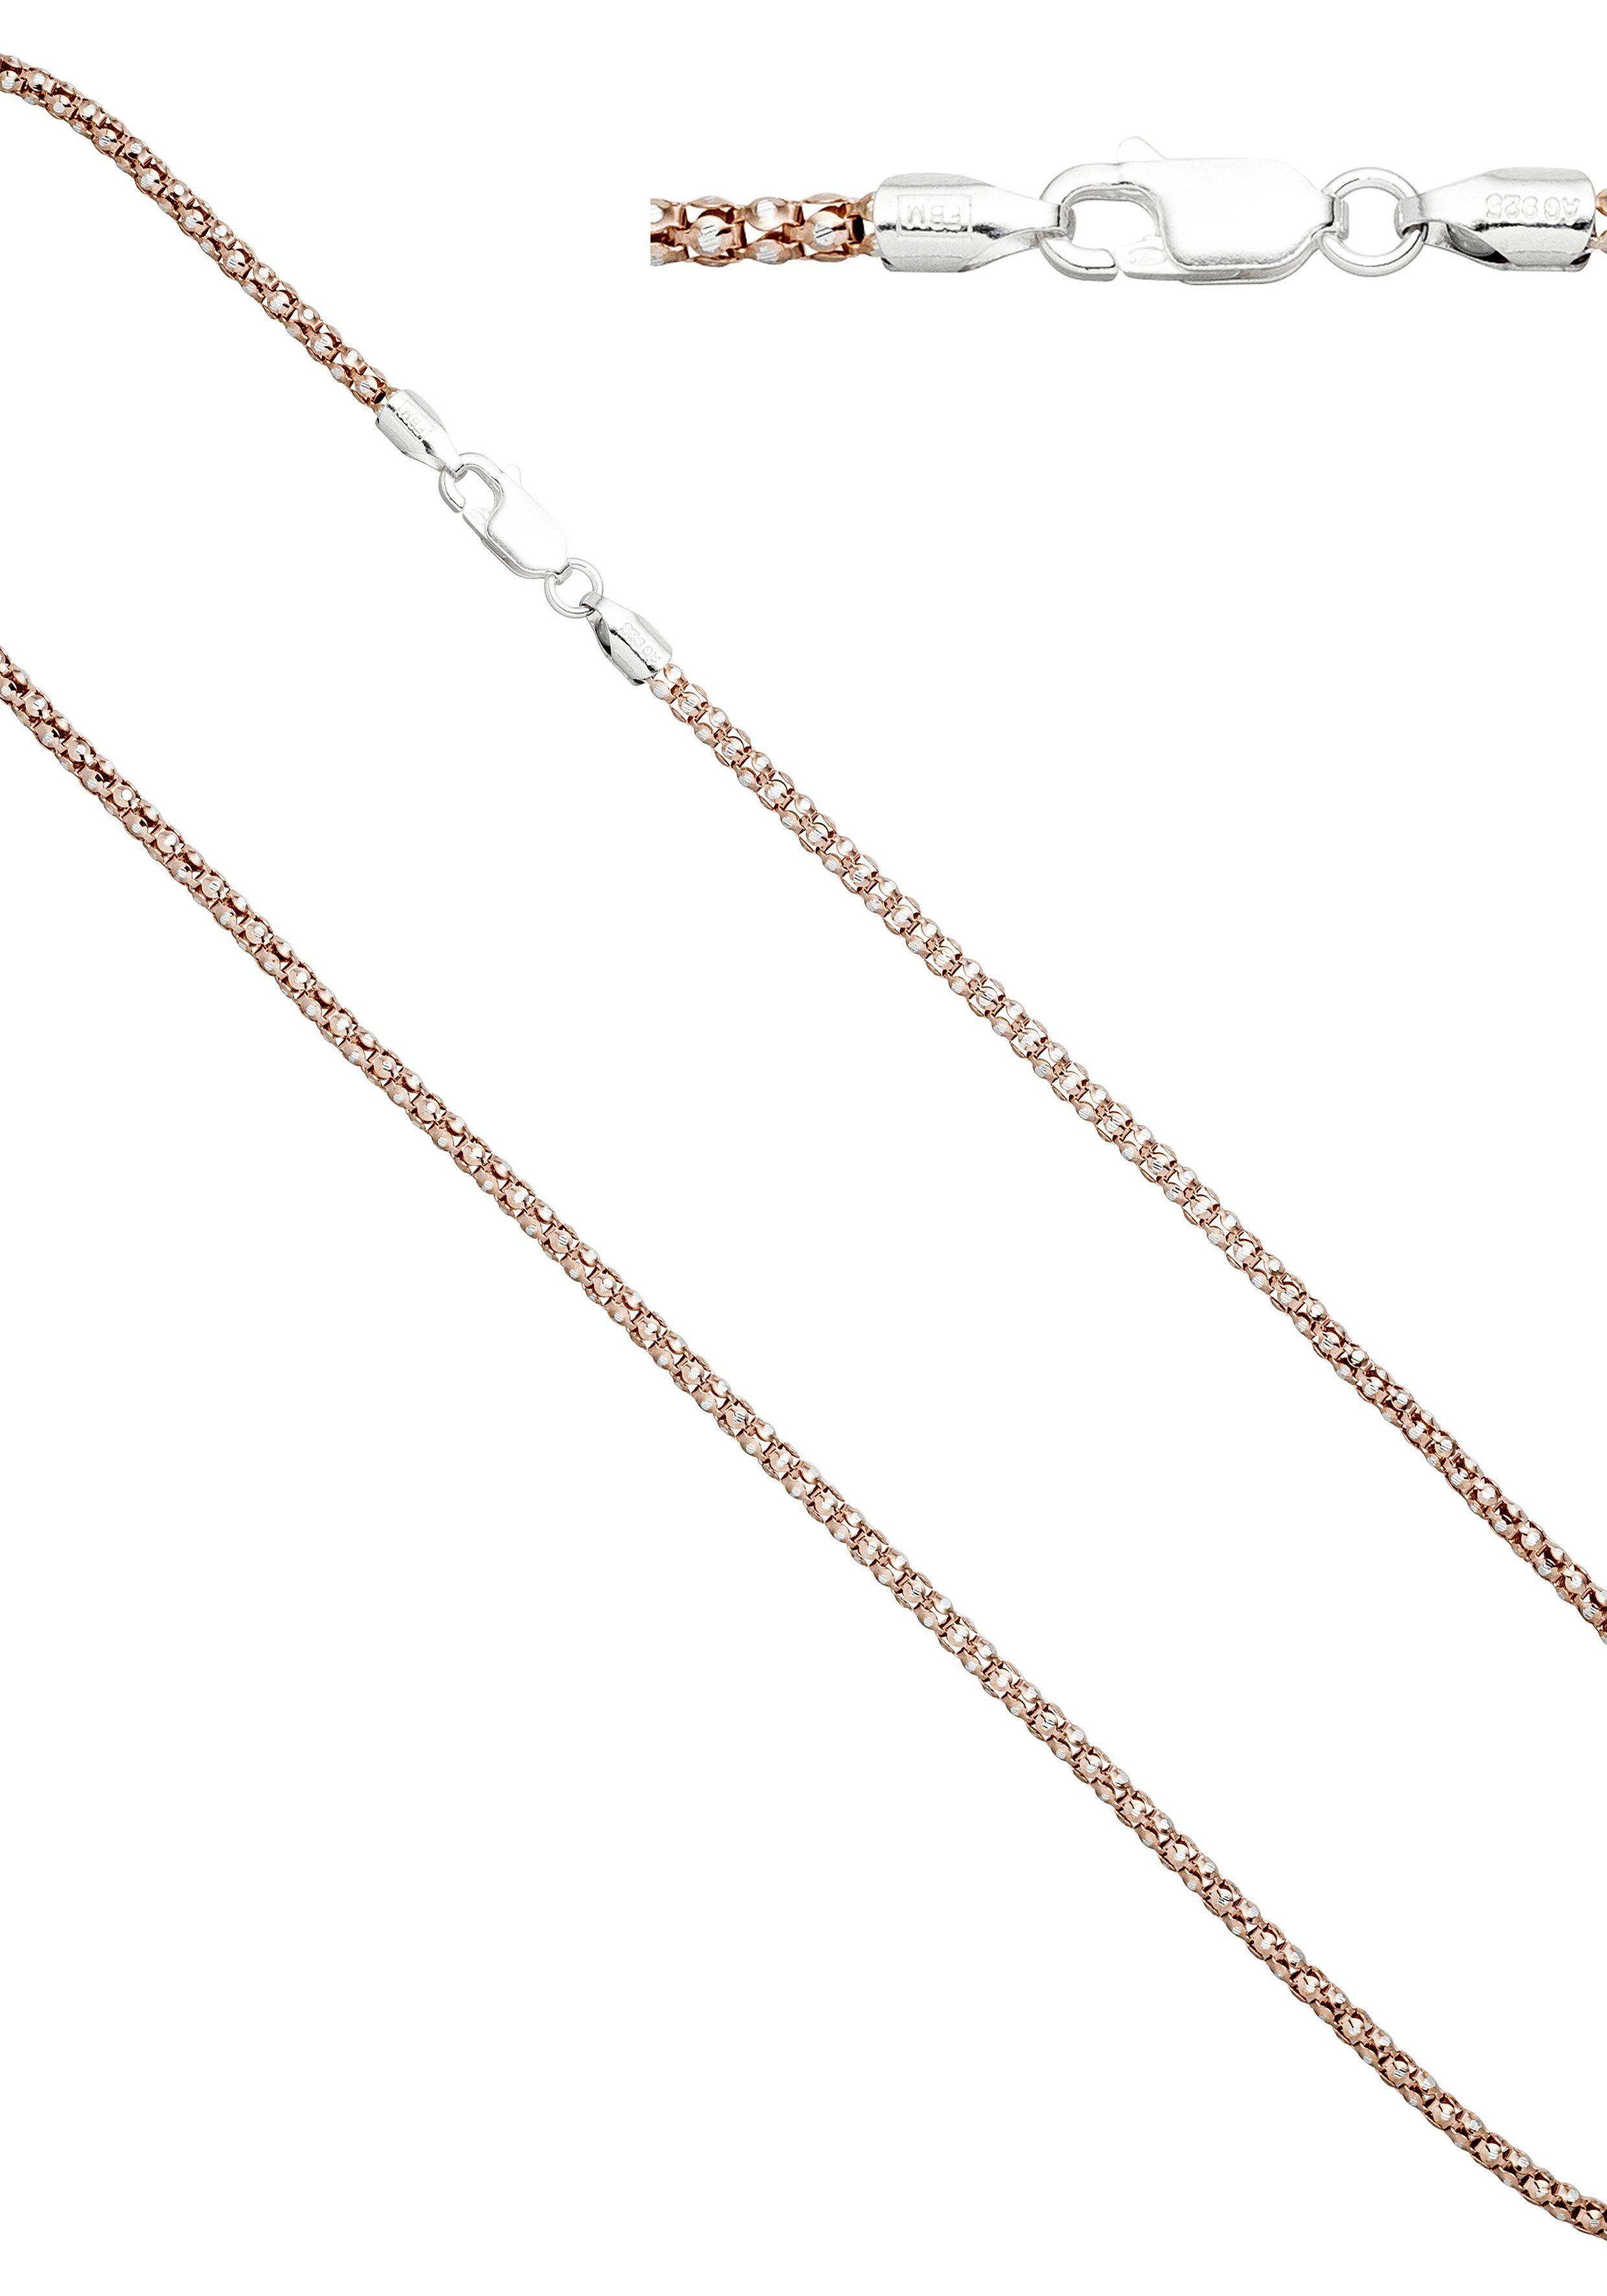 JOBO Kette ohne Anhänger 925 Silber roségold vergoldet bicolor 45 cm 2,8 mm